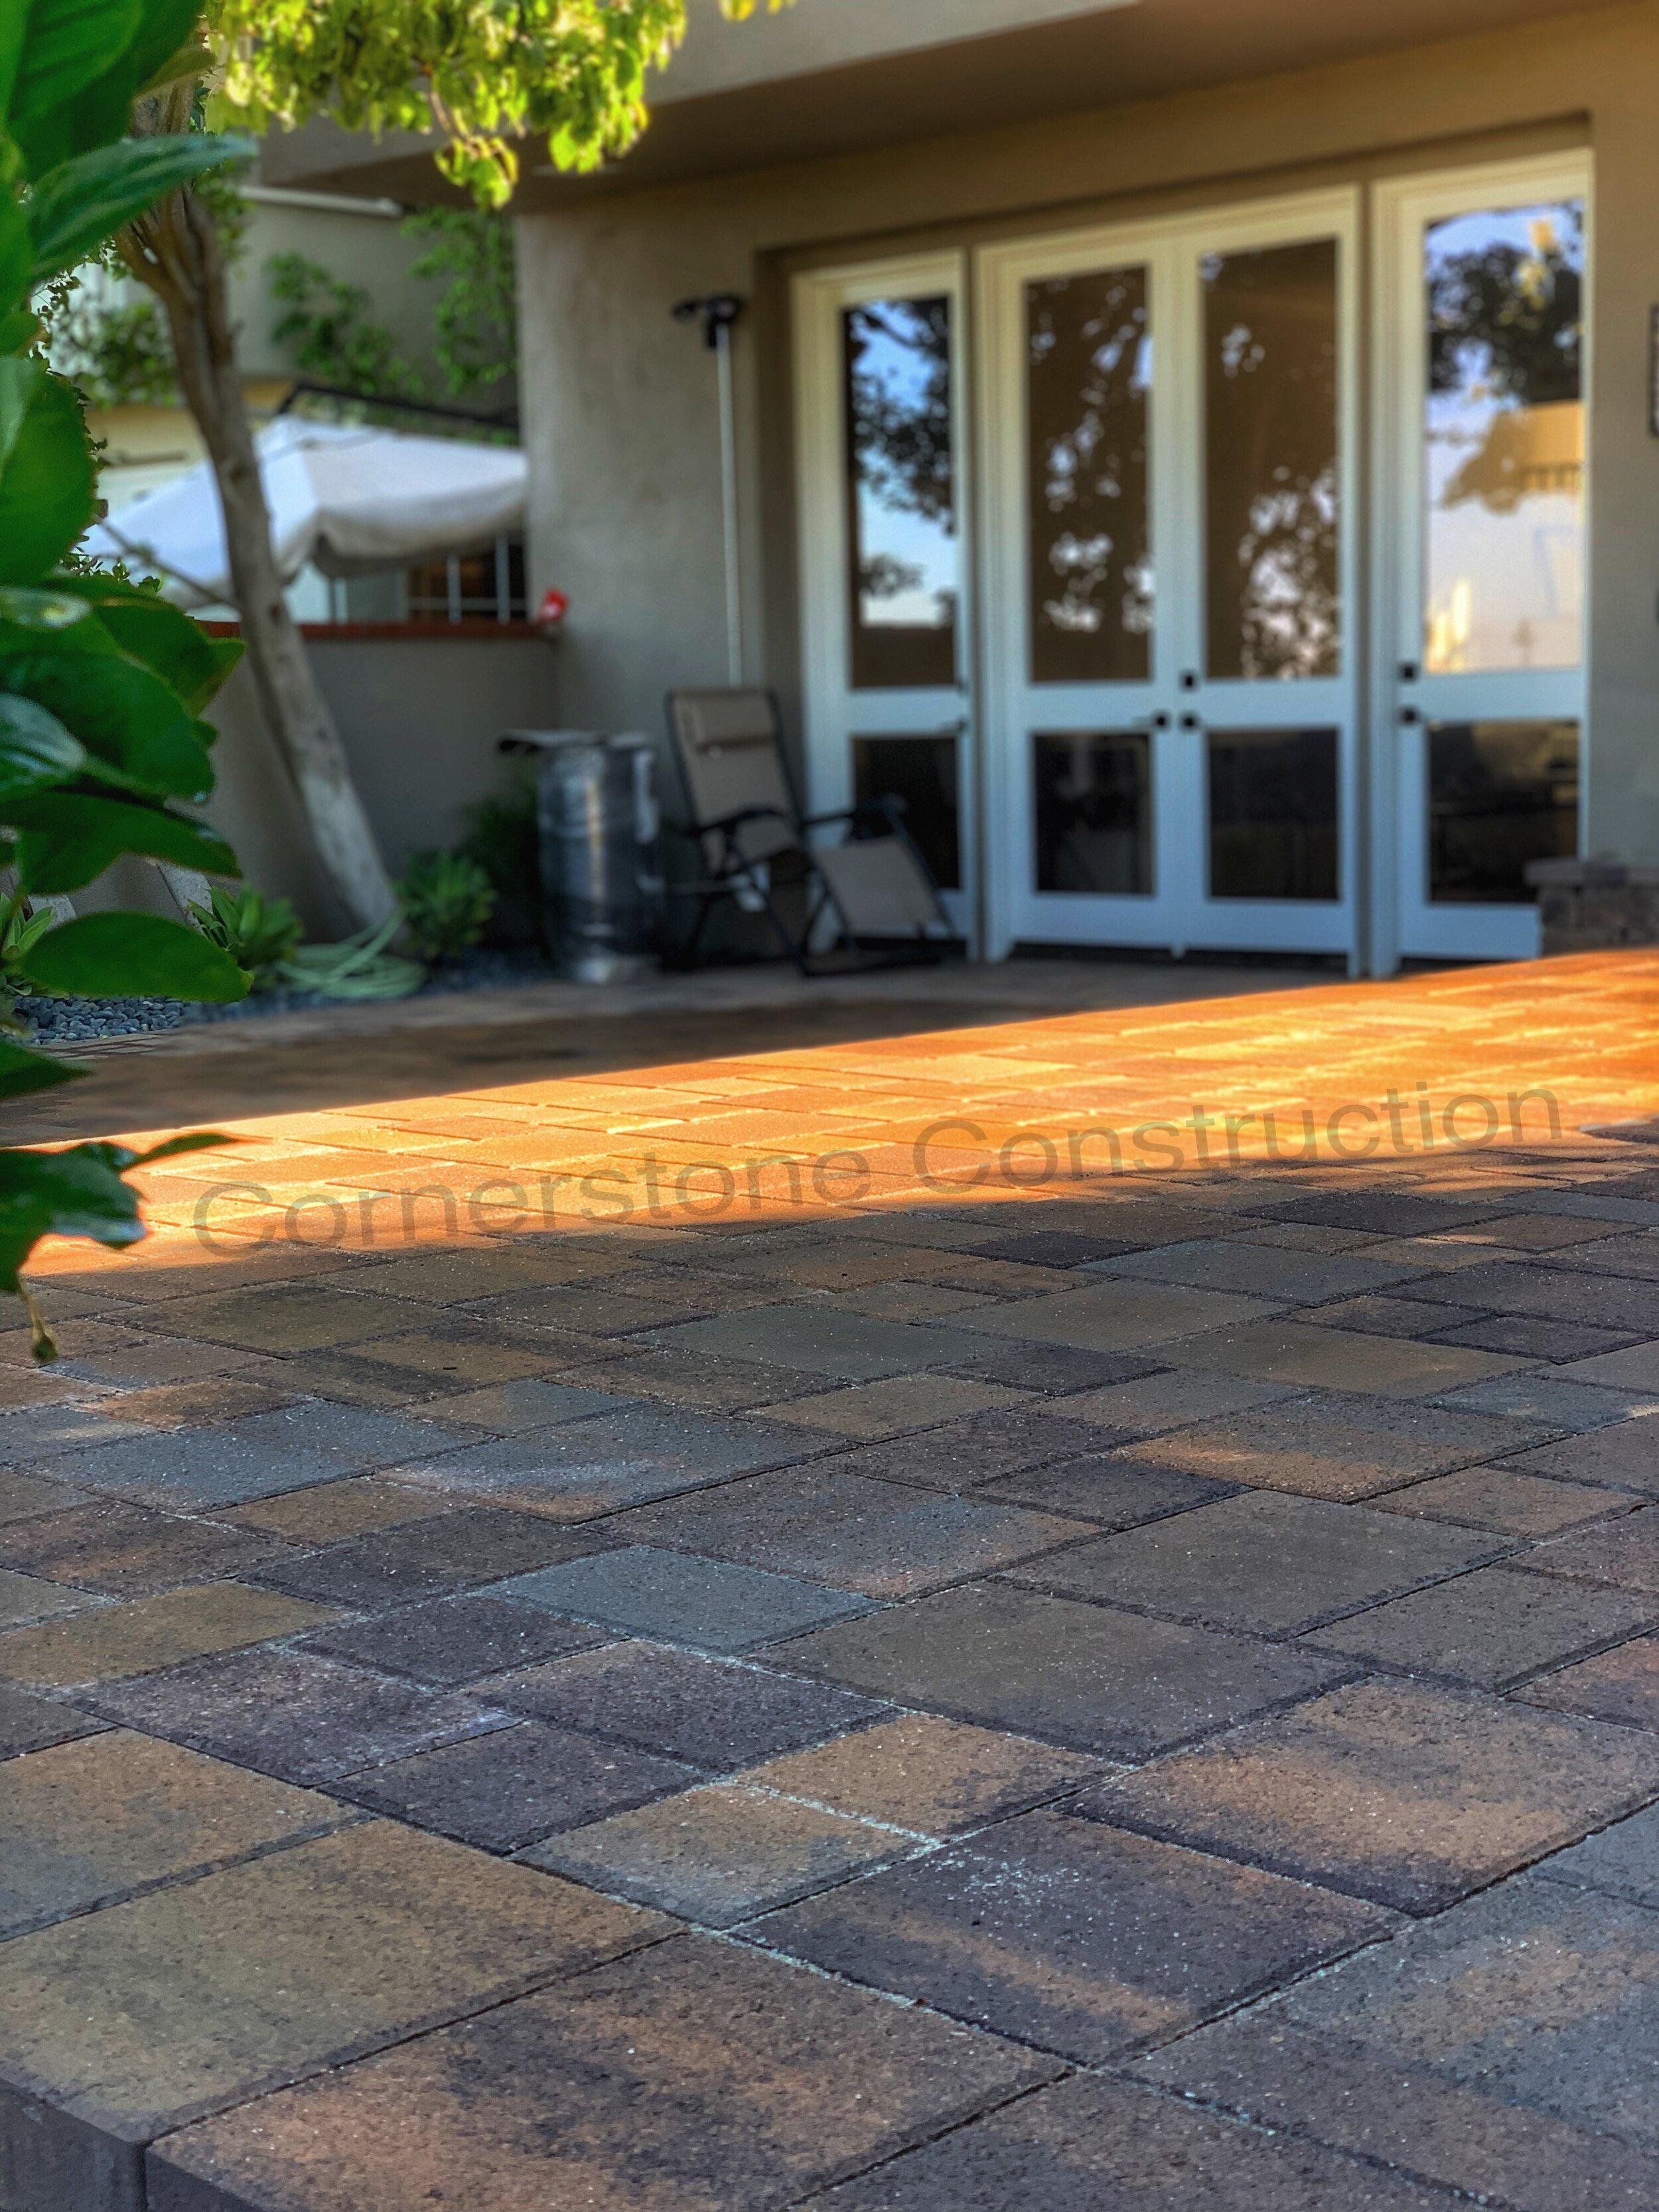 patterned stone in backyard